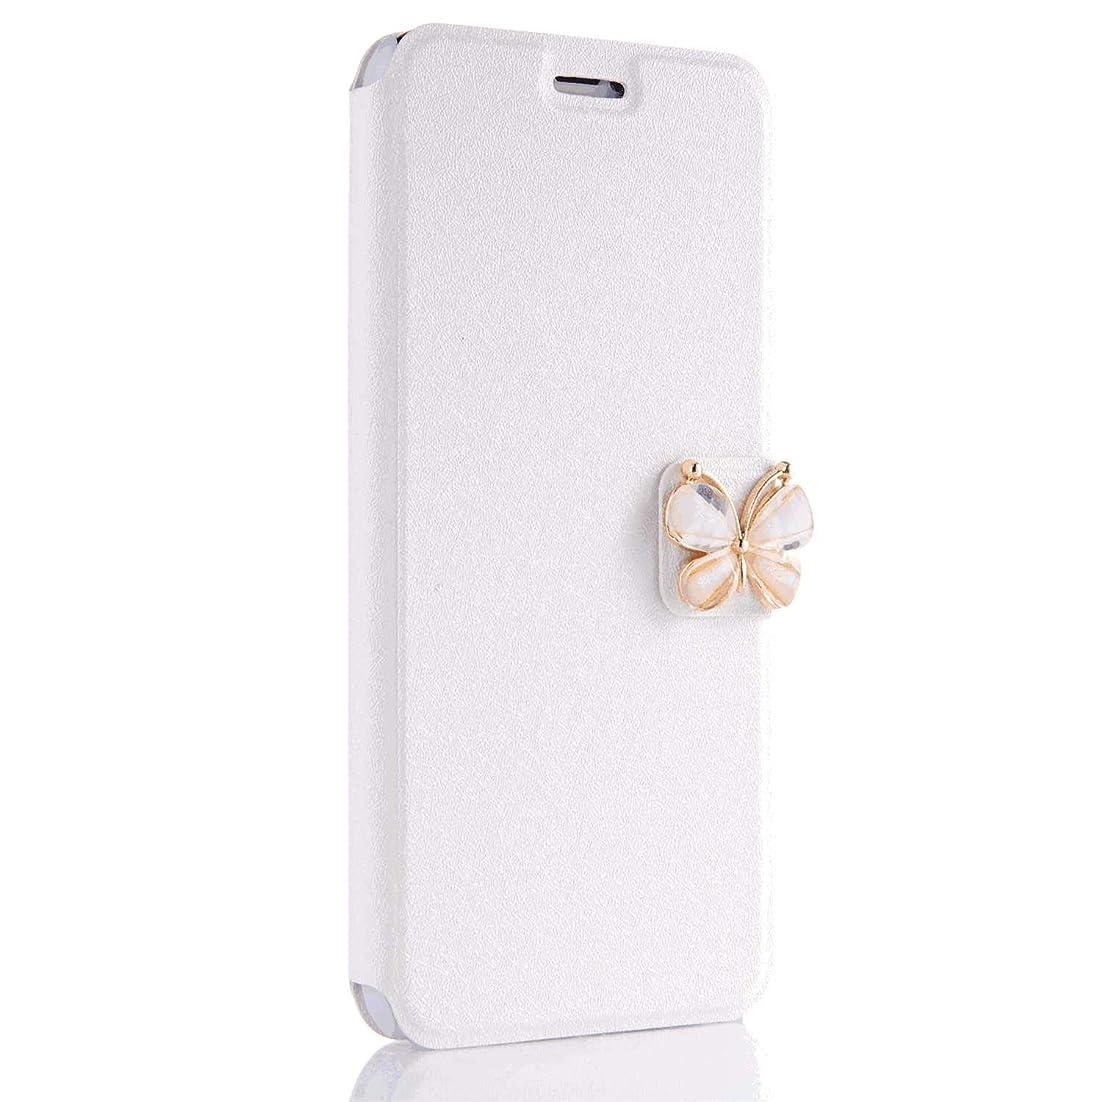 合計あいまい散歩iPhone 7 PUレザー ケース, 手帳型 ケース 本革 耐衝撃 ビジネス 携帯ケース カバー収納 財布 手帳型ケース iPhone アイフォン 7 レザーケース